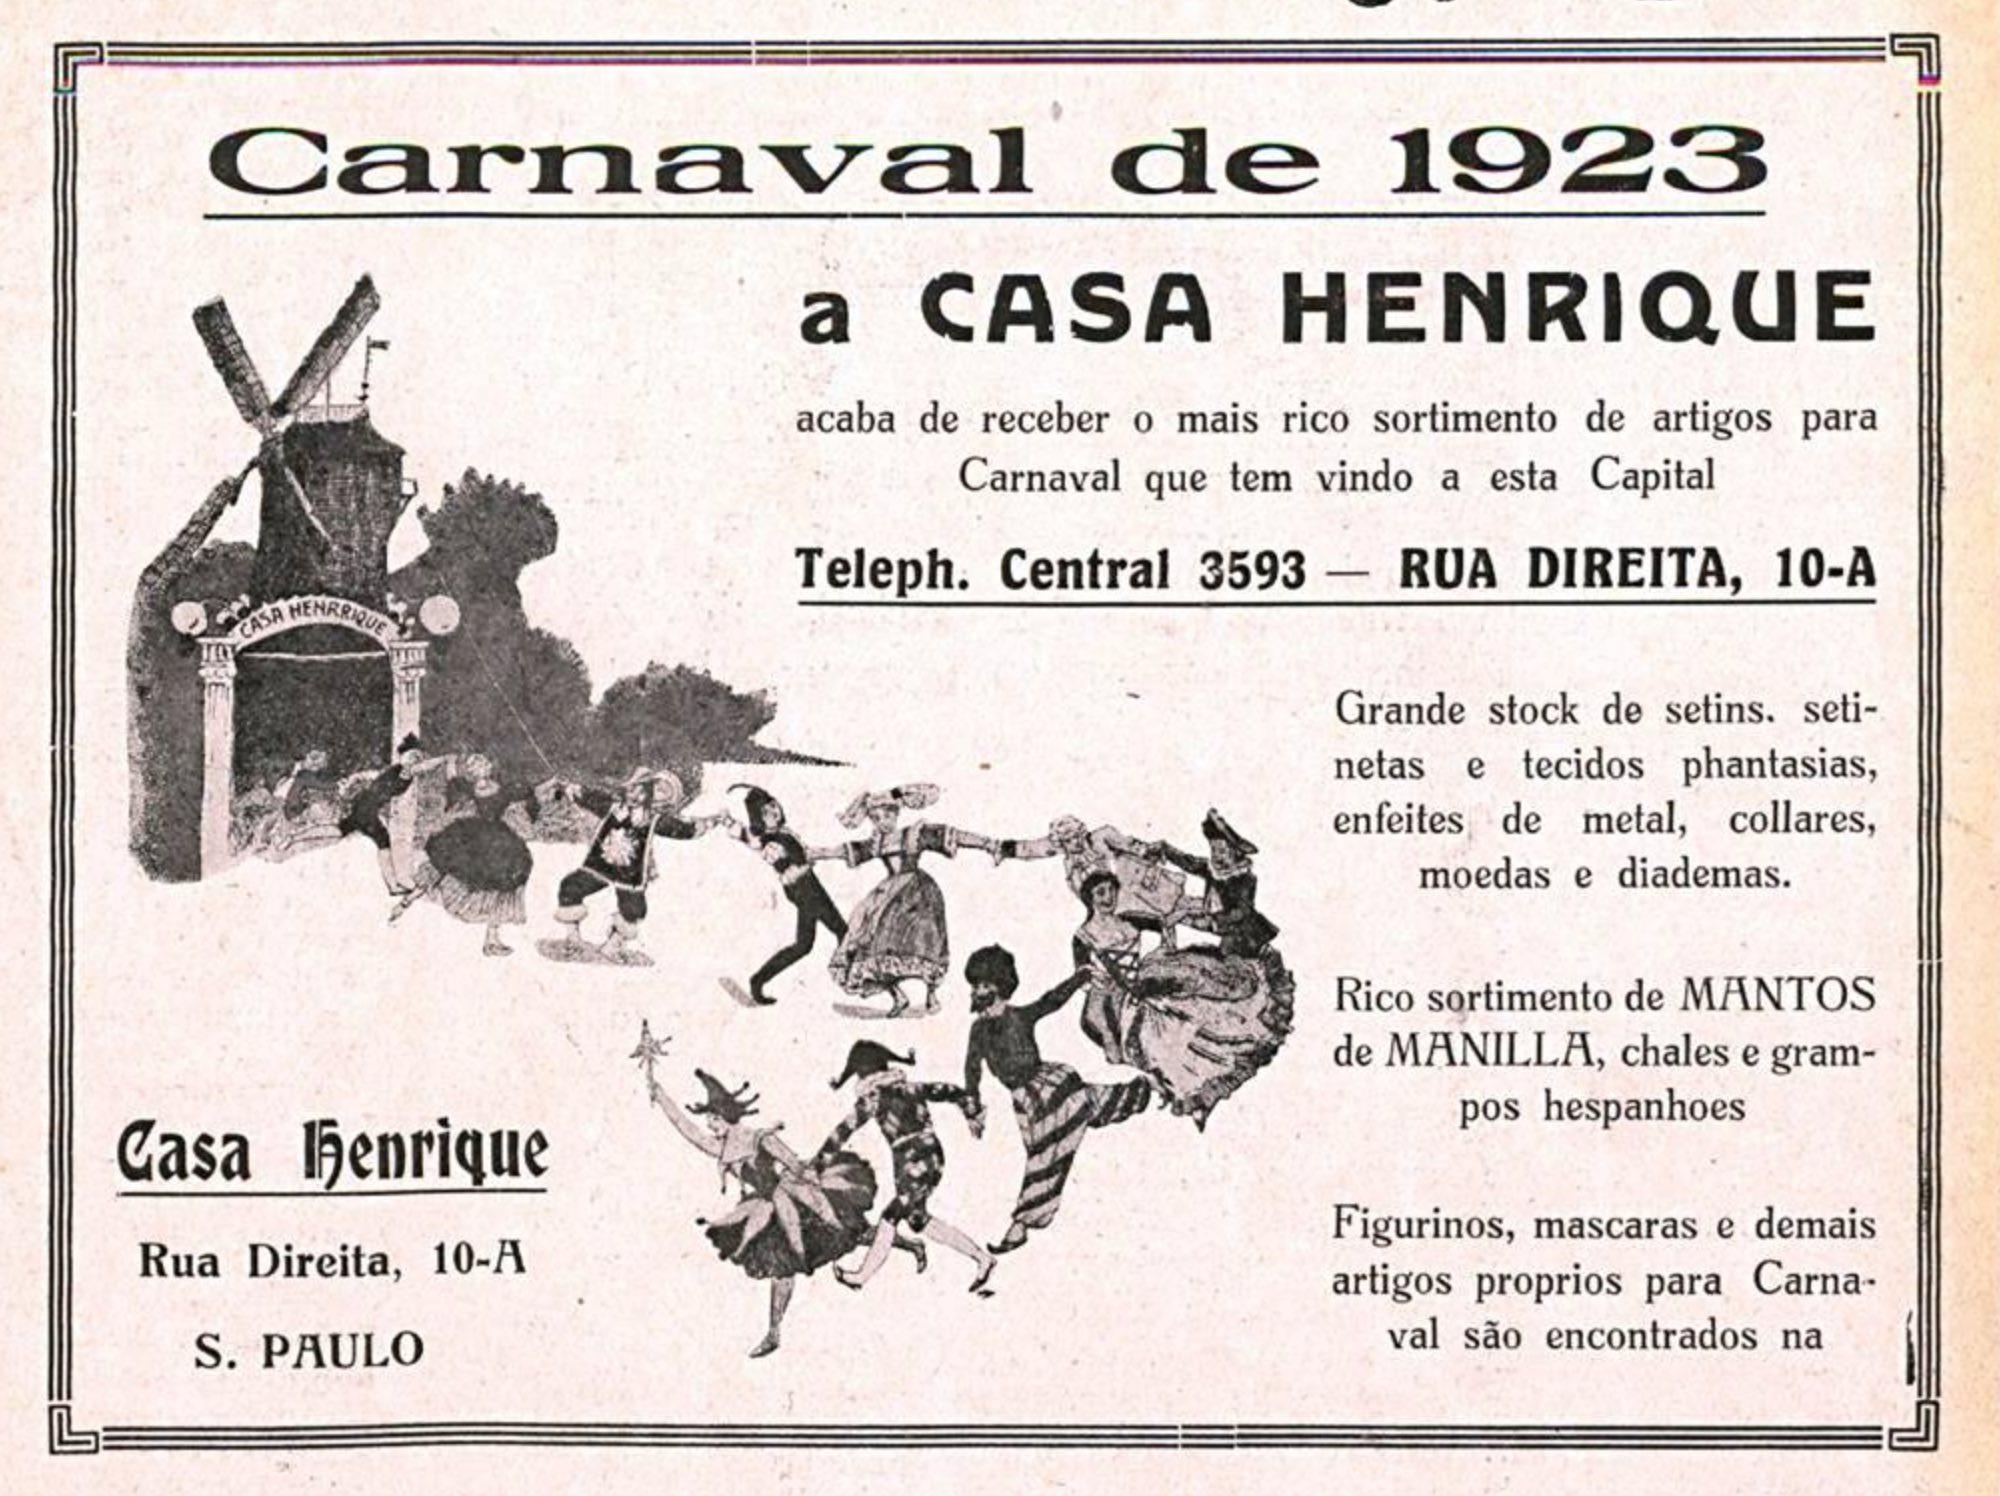 Anúncio da Casa Henrique com ofertas para o Carnaval de 1923